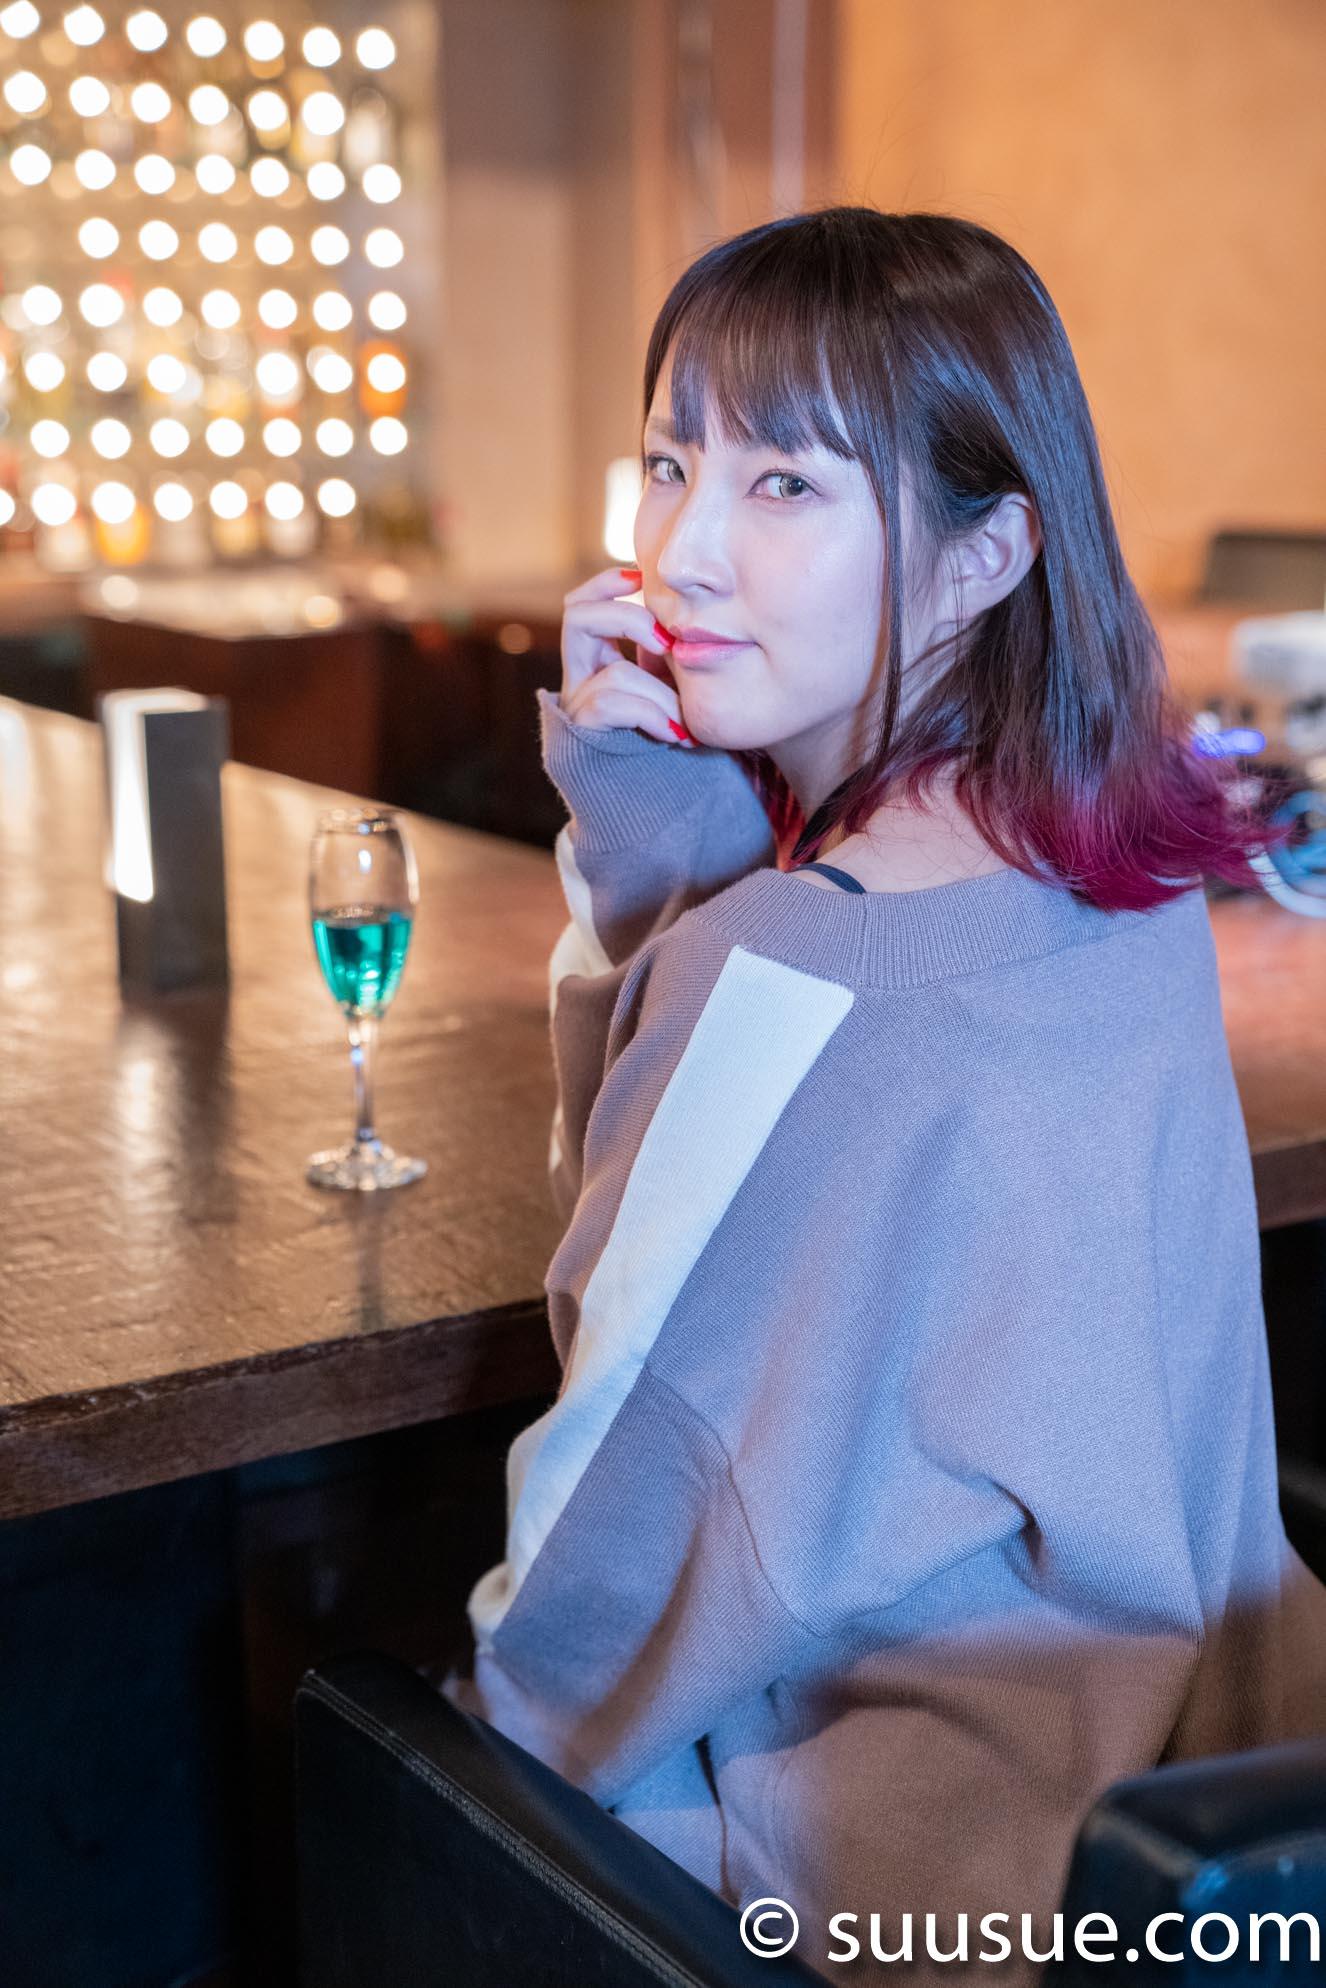 星乃ピノ 2019/11/10 マシュマロ撮影会